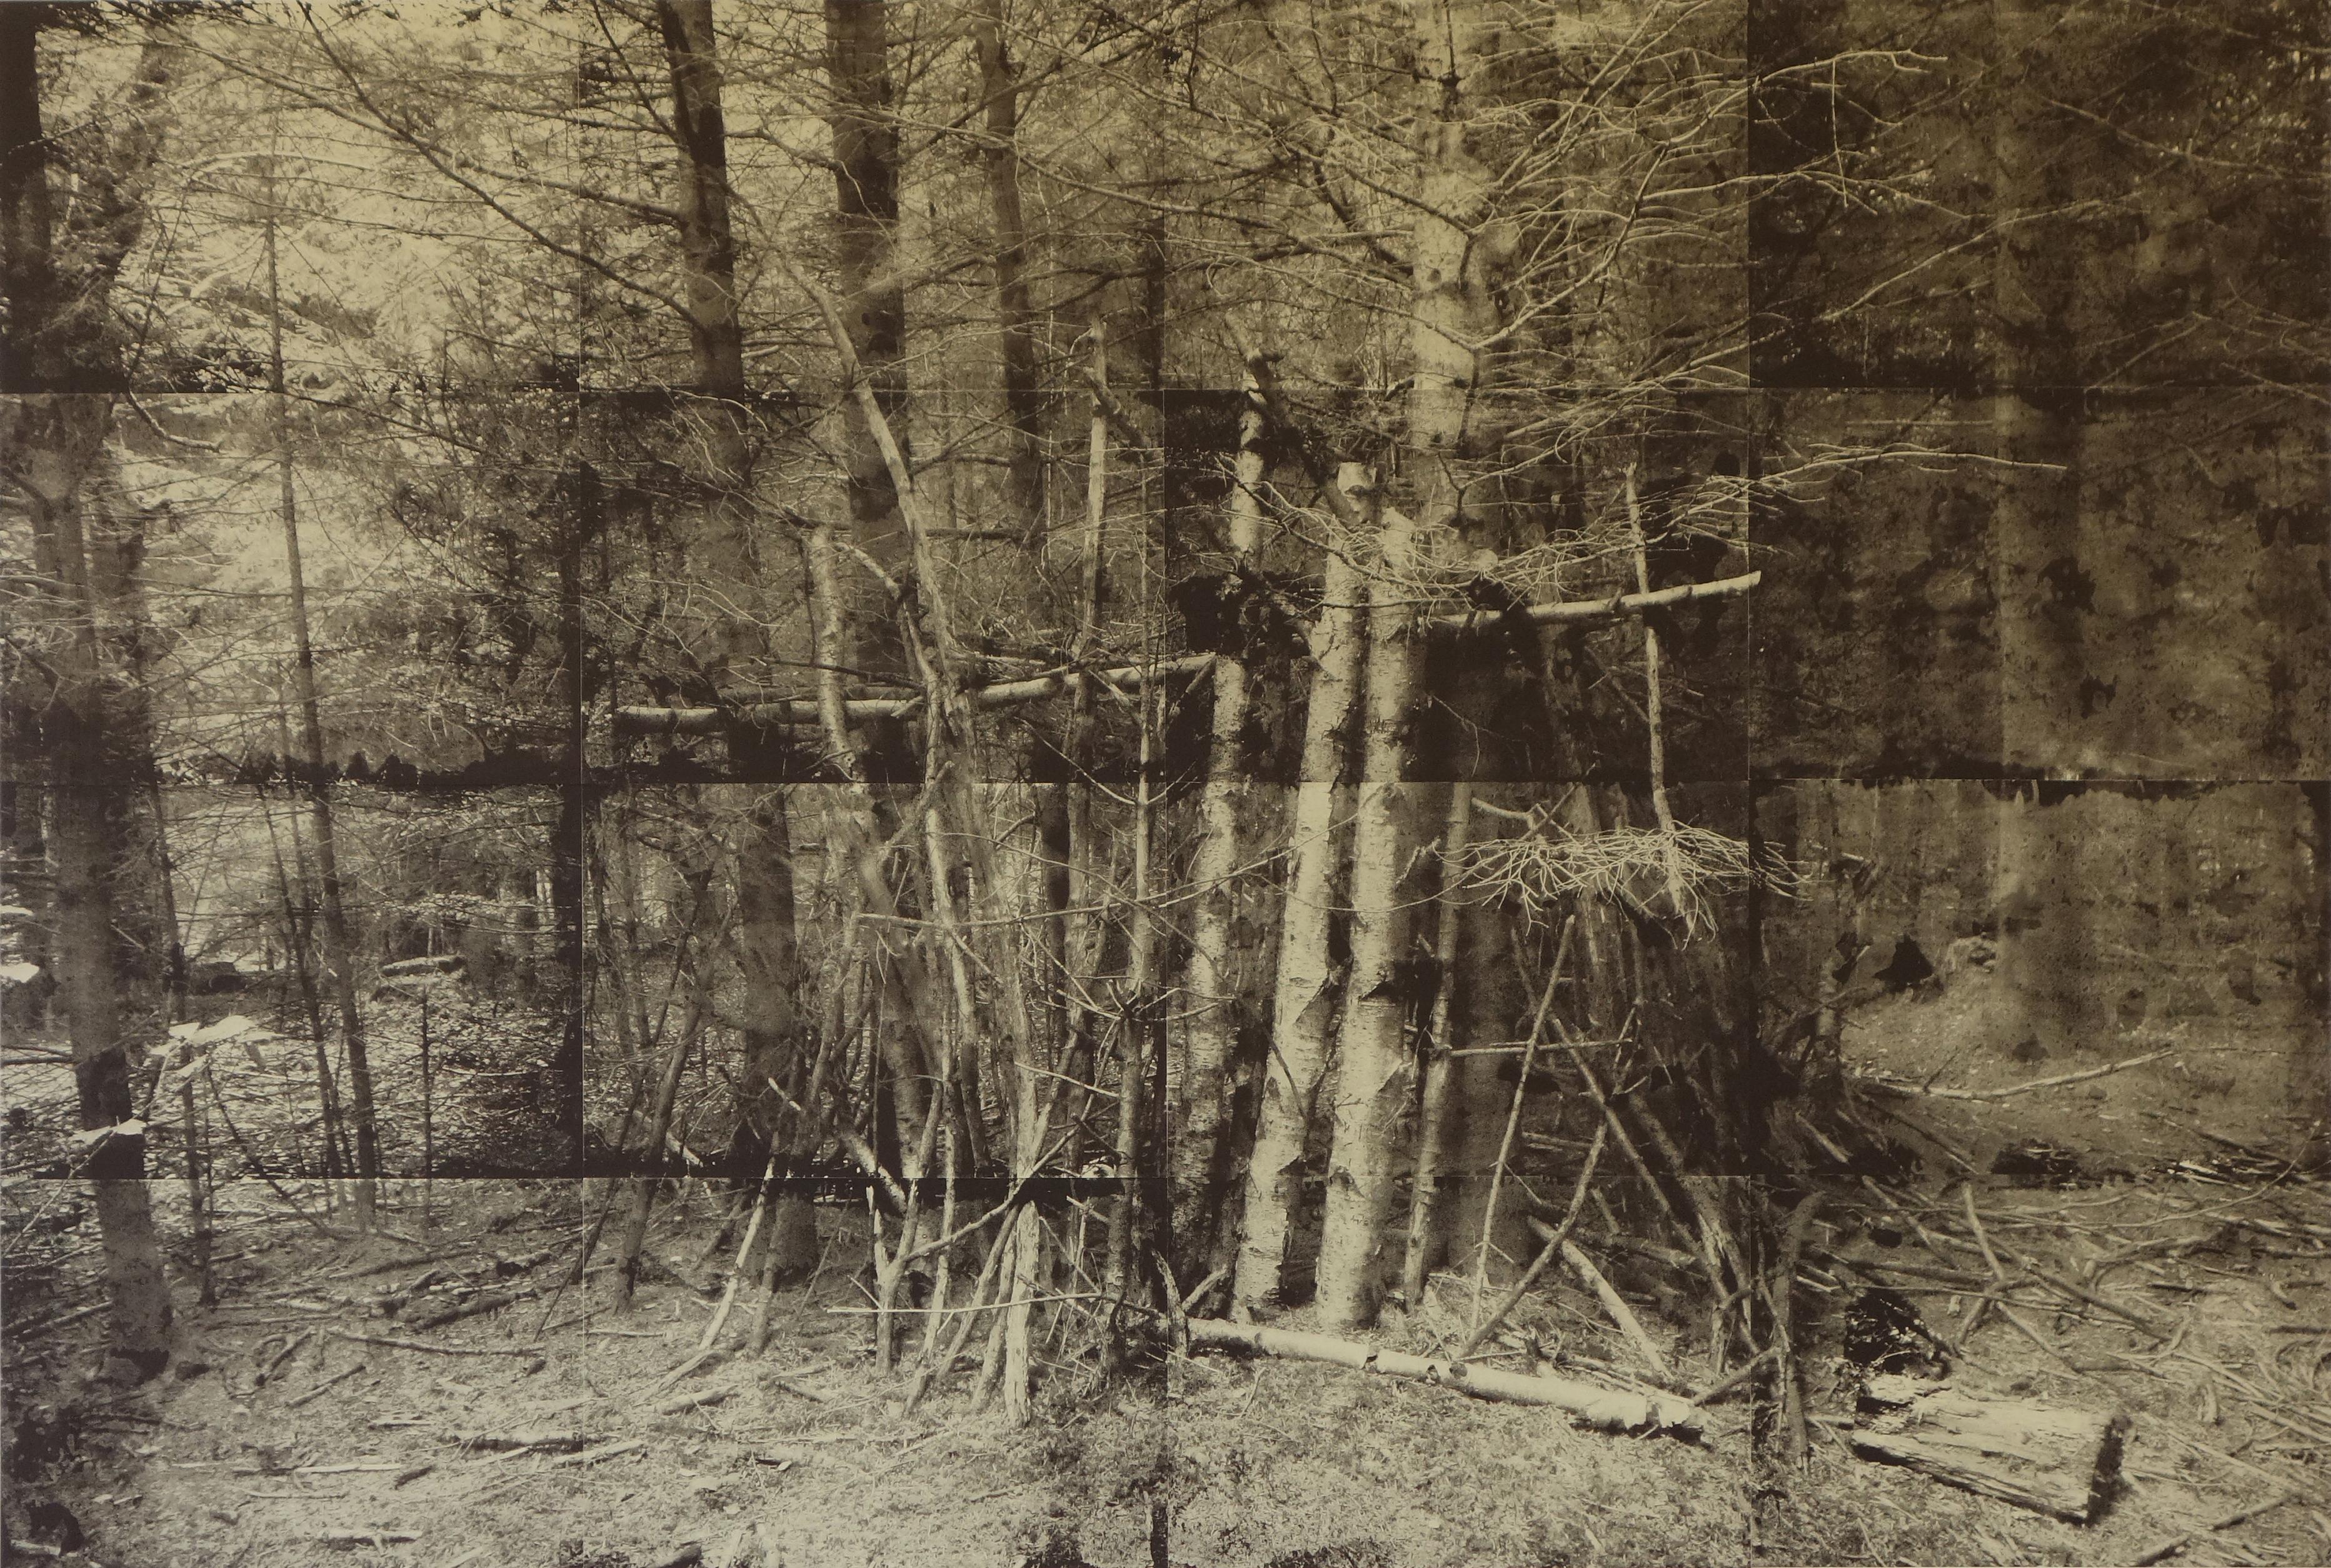 Tatjana Erpen, im Wald, 2016, Copyright: Tatjana Erpen